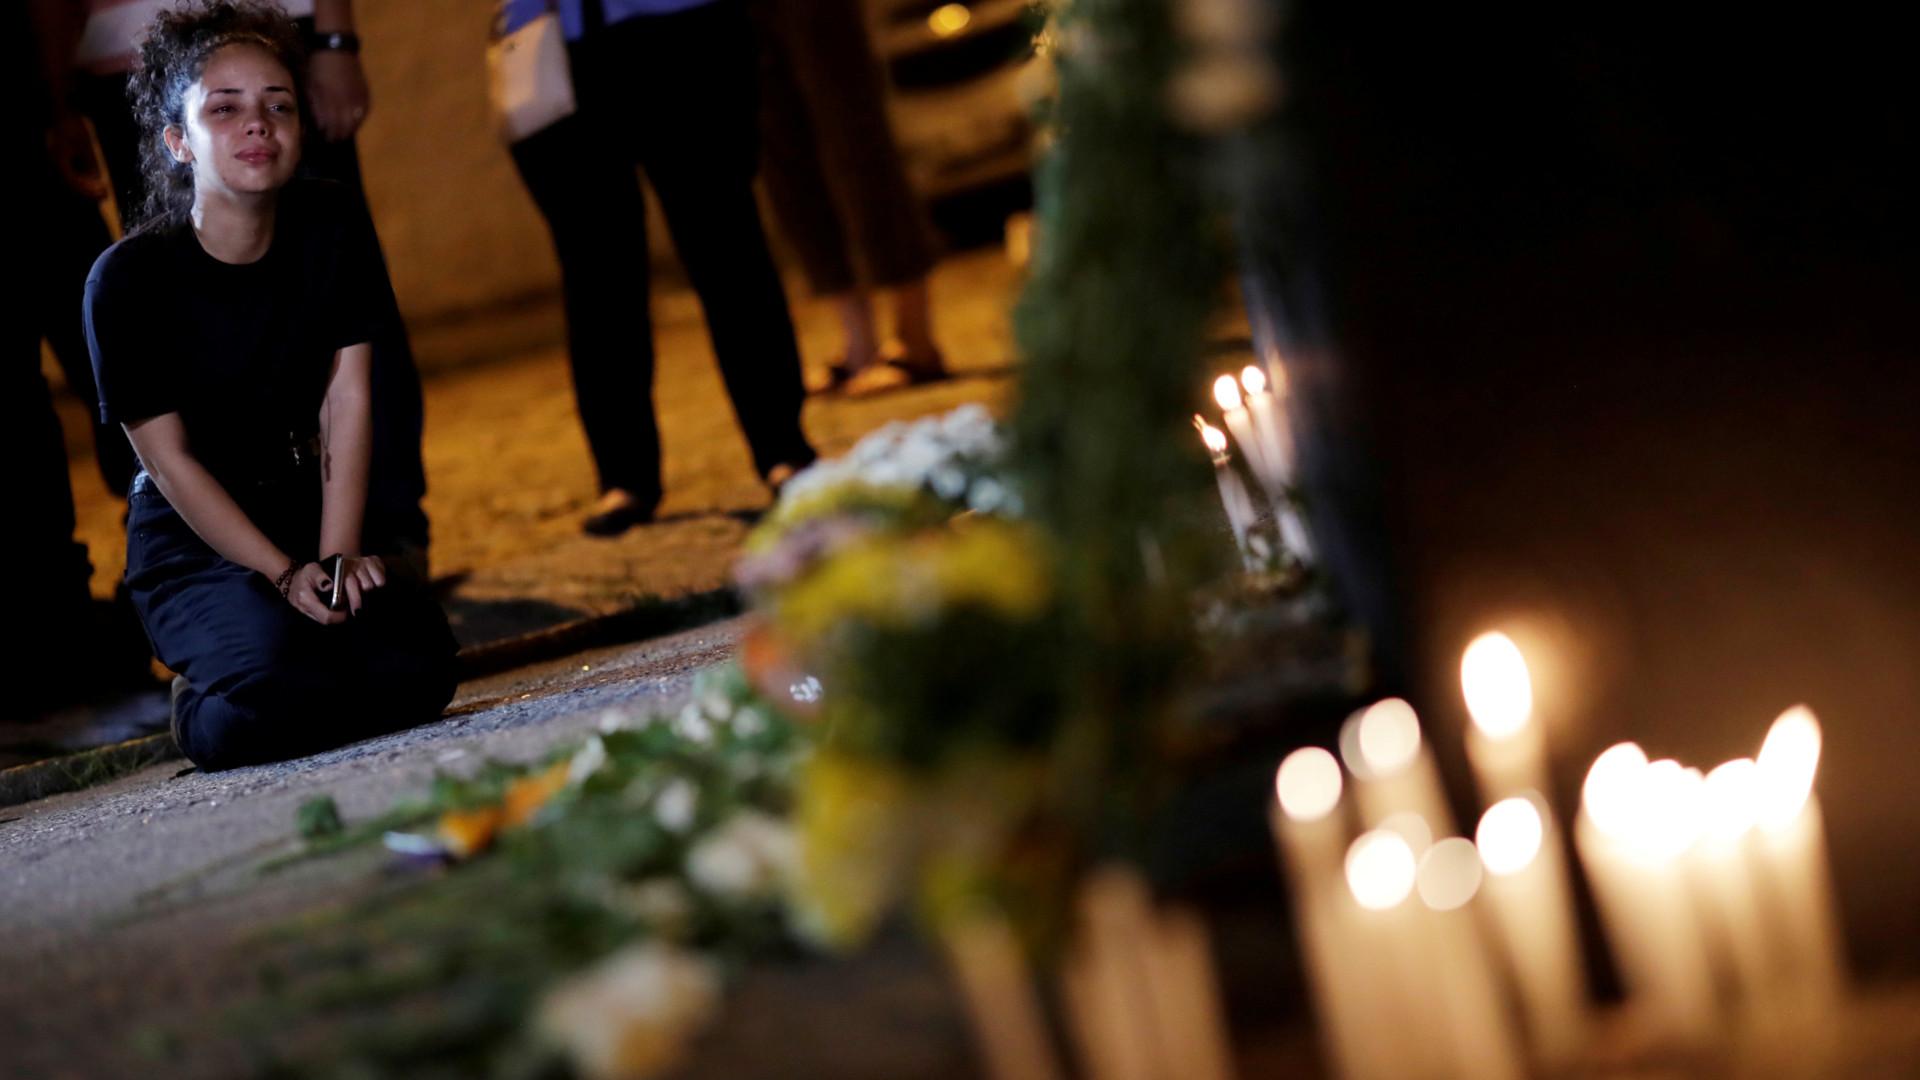 Tio de um dos assassinos de escola em Suzano pede 'perdão público'